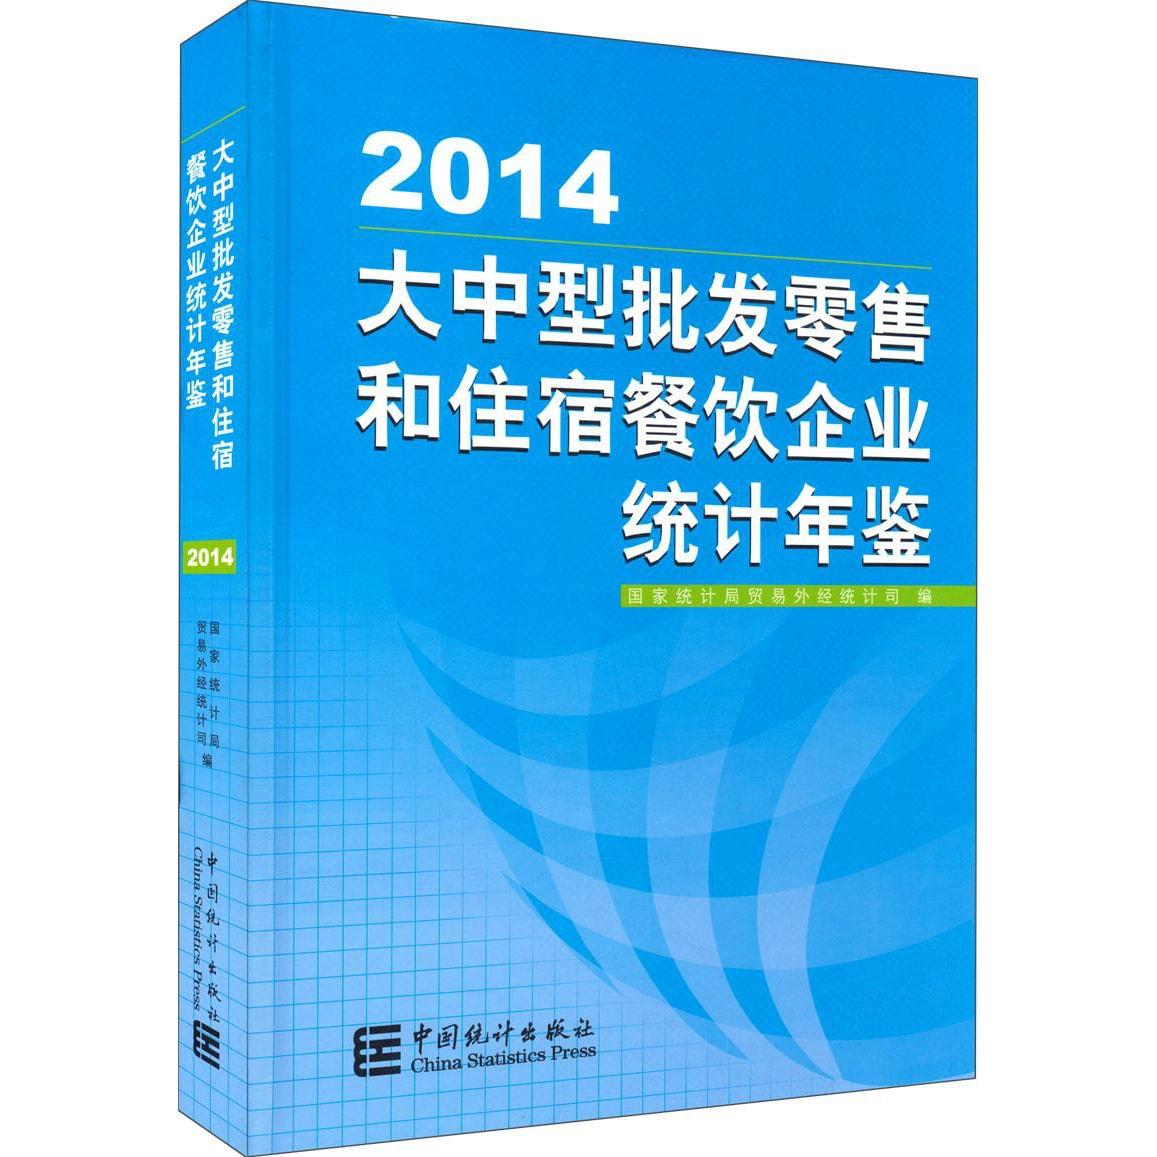 大中型批发零售和住宿餐饮企业统计年鉴(2014) 怎么样 - 亚米网